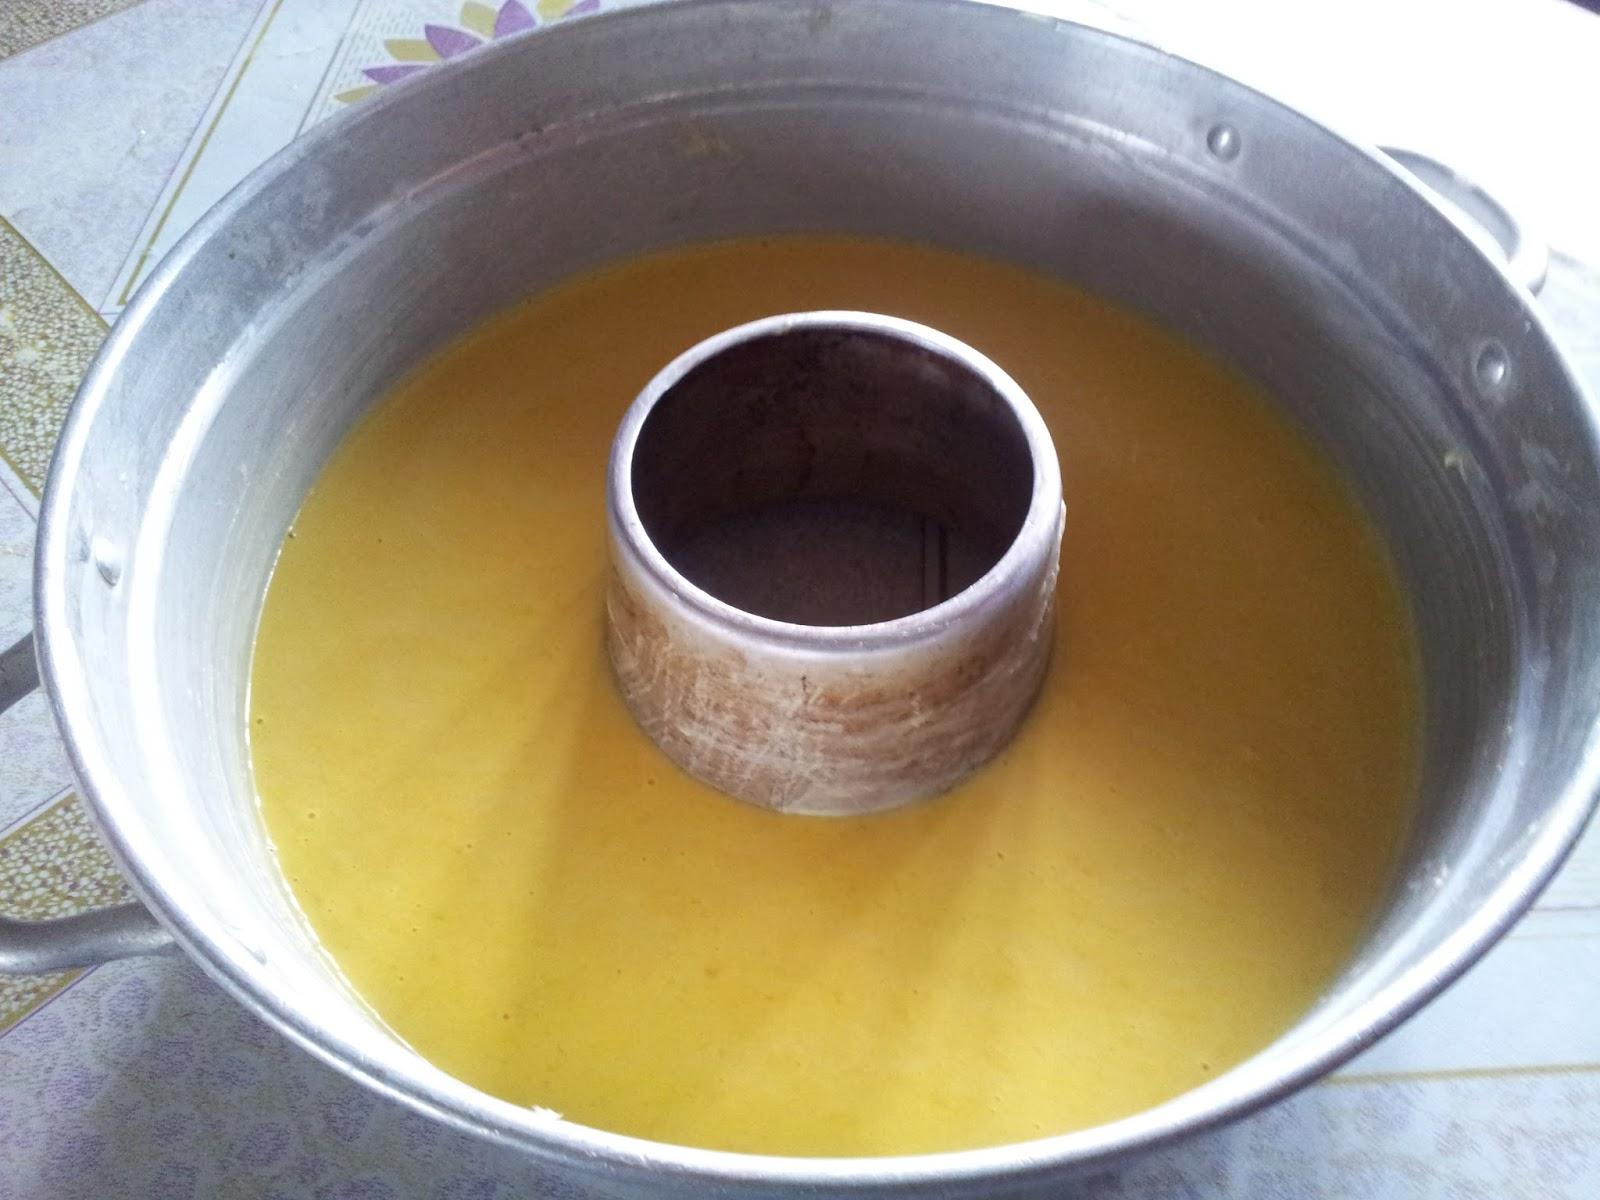 resepi donat labu sukatan cawan  samping    bisa mengganti bahan toping sesuai Resepi Donat Tanpa Mauripan Enak dan Mudah